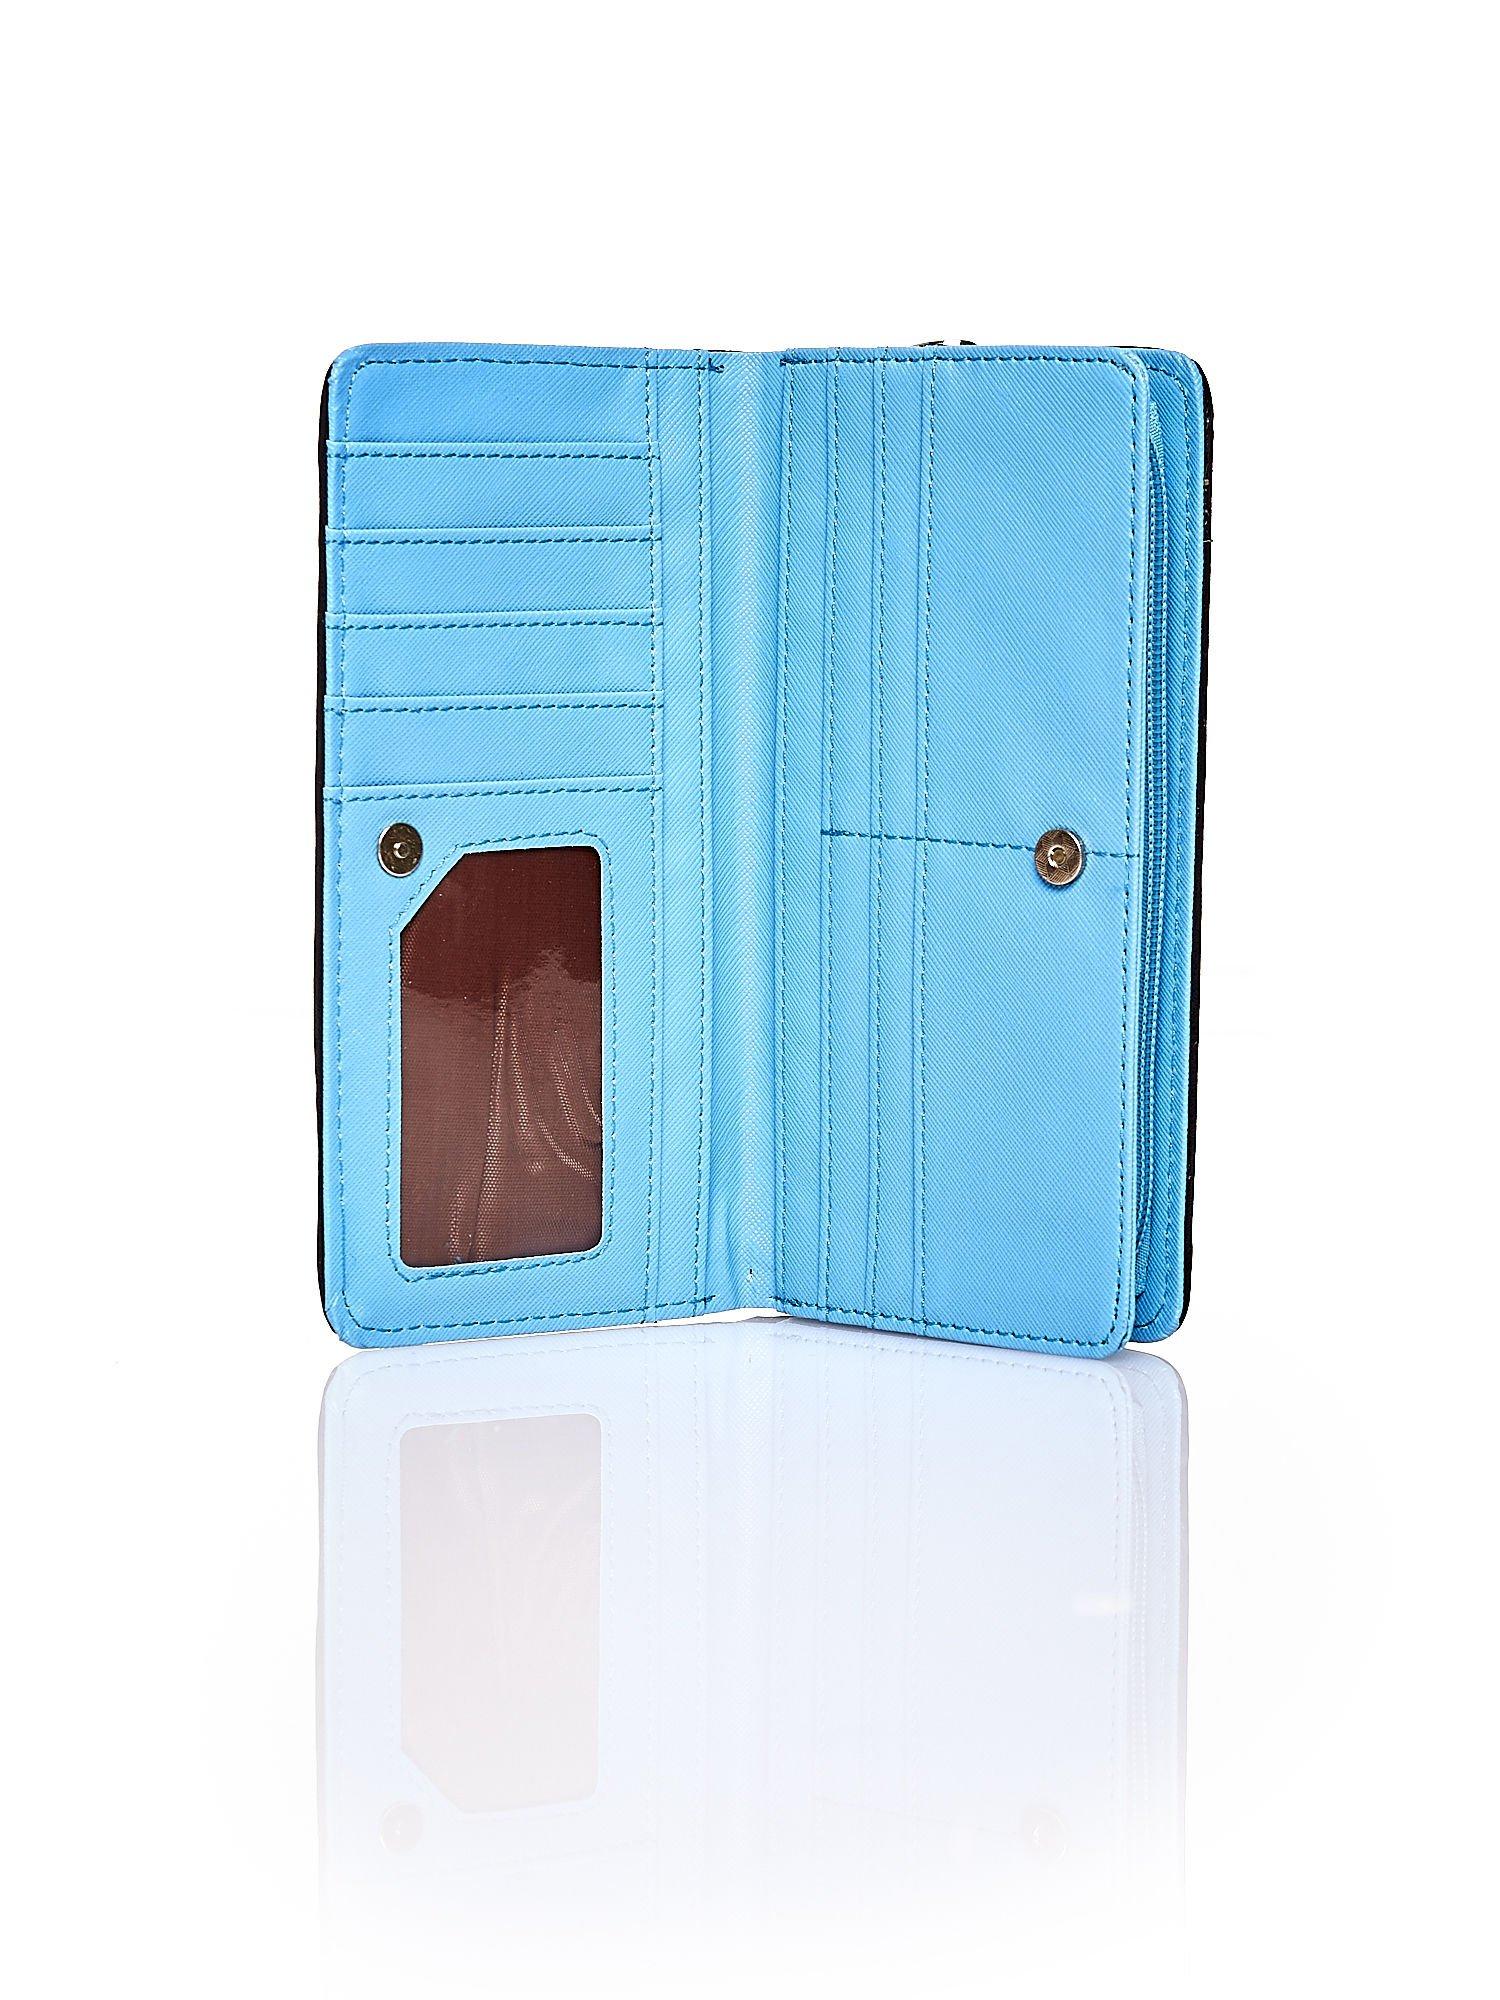 Niebieski pleciony portfel w pionowe granatowe paski                                  zdj.                                  3